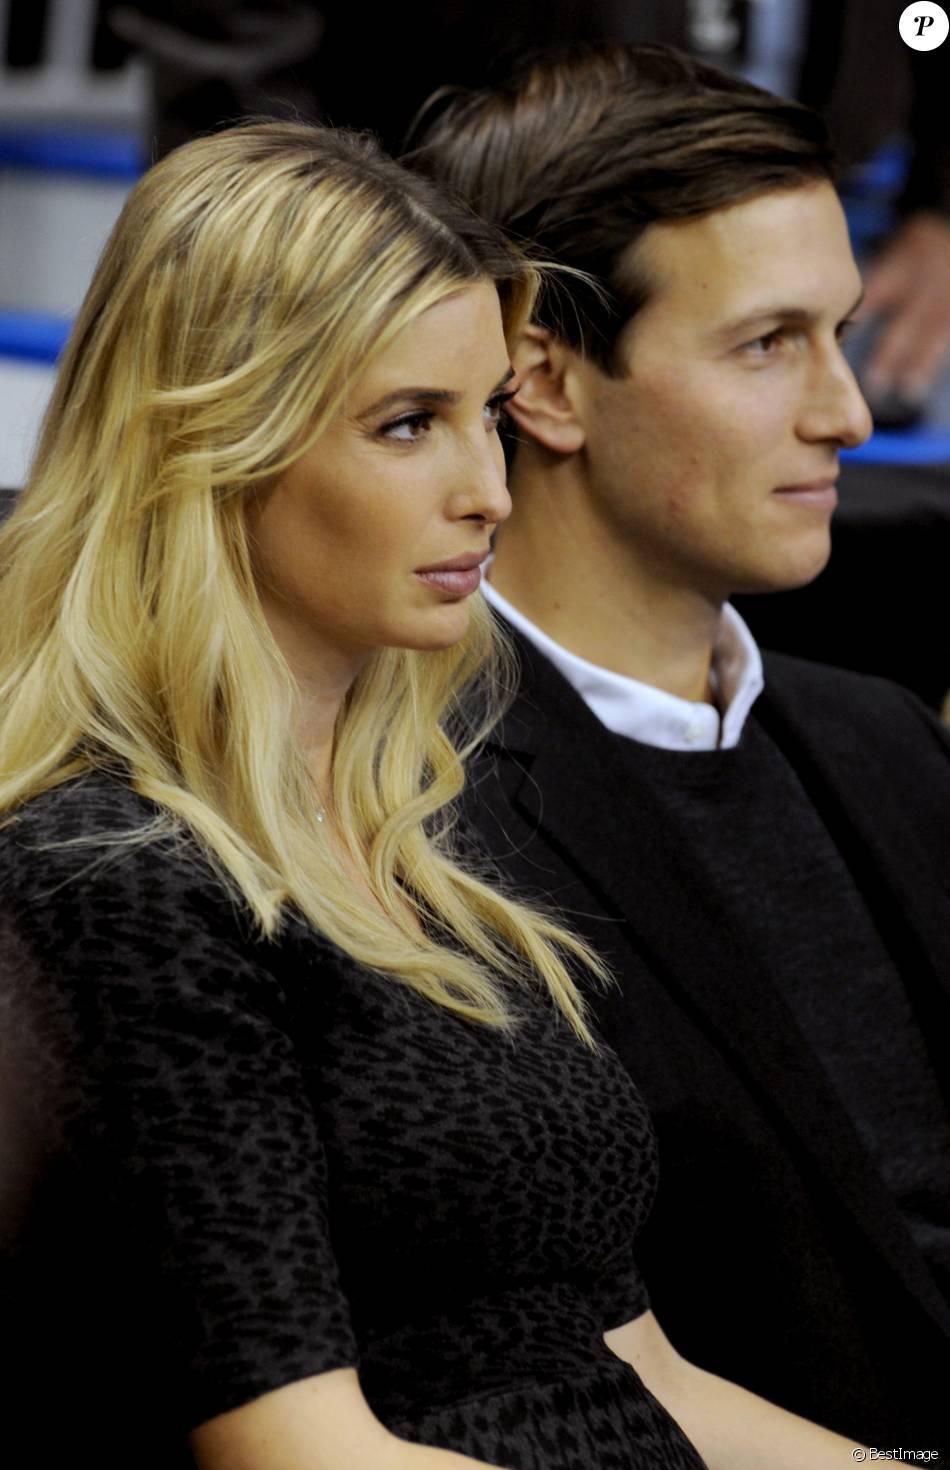 Ivanka (enceinte) Trump et son mari Jared Kushner lors dun meeting de Donald Trump à Manchester dans le New Hampshire le 8 février 2016.